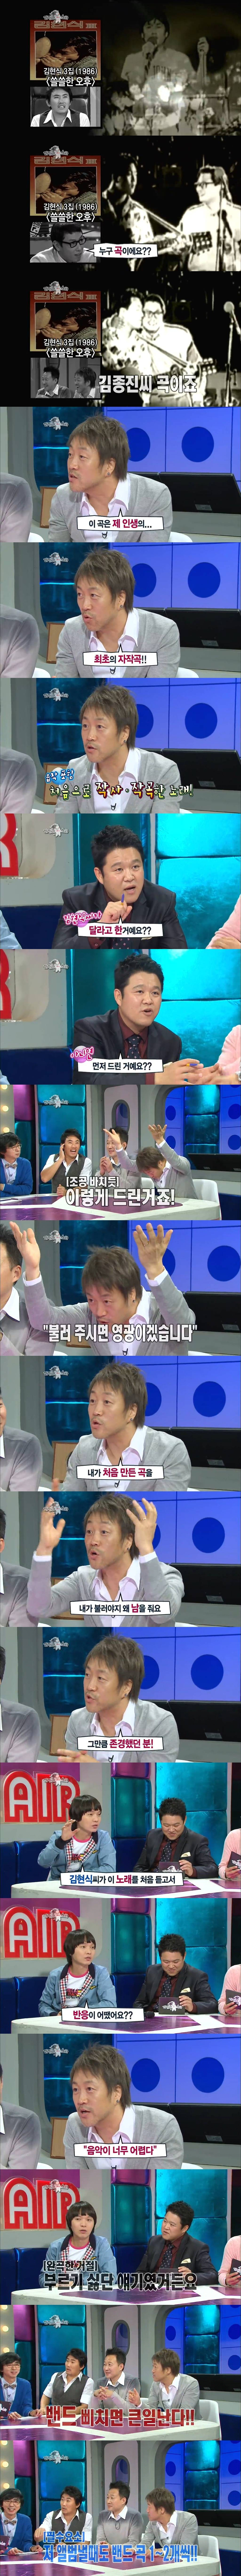 유재하가 김현식 밴드에서 비쳐서 나간 썰 | 인스티즈